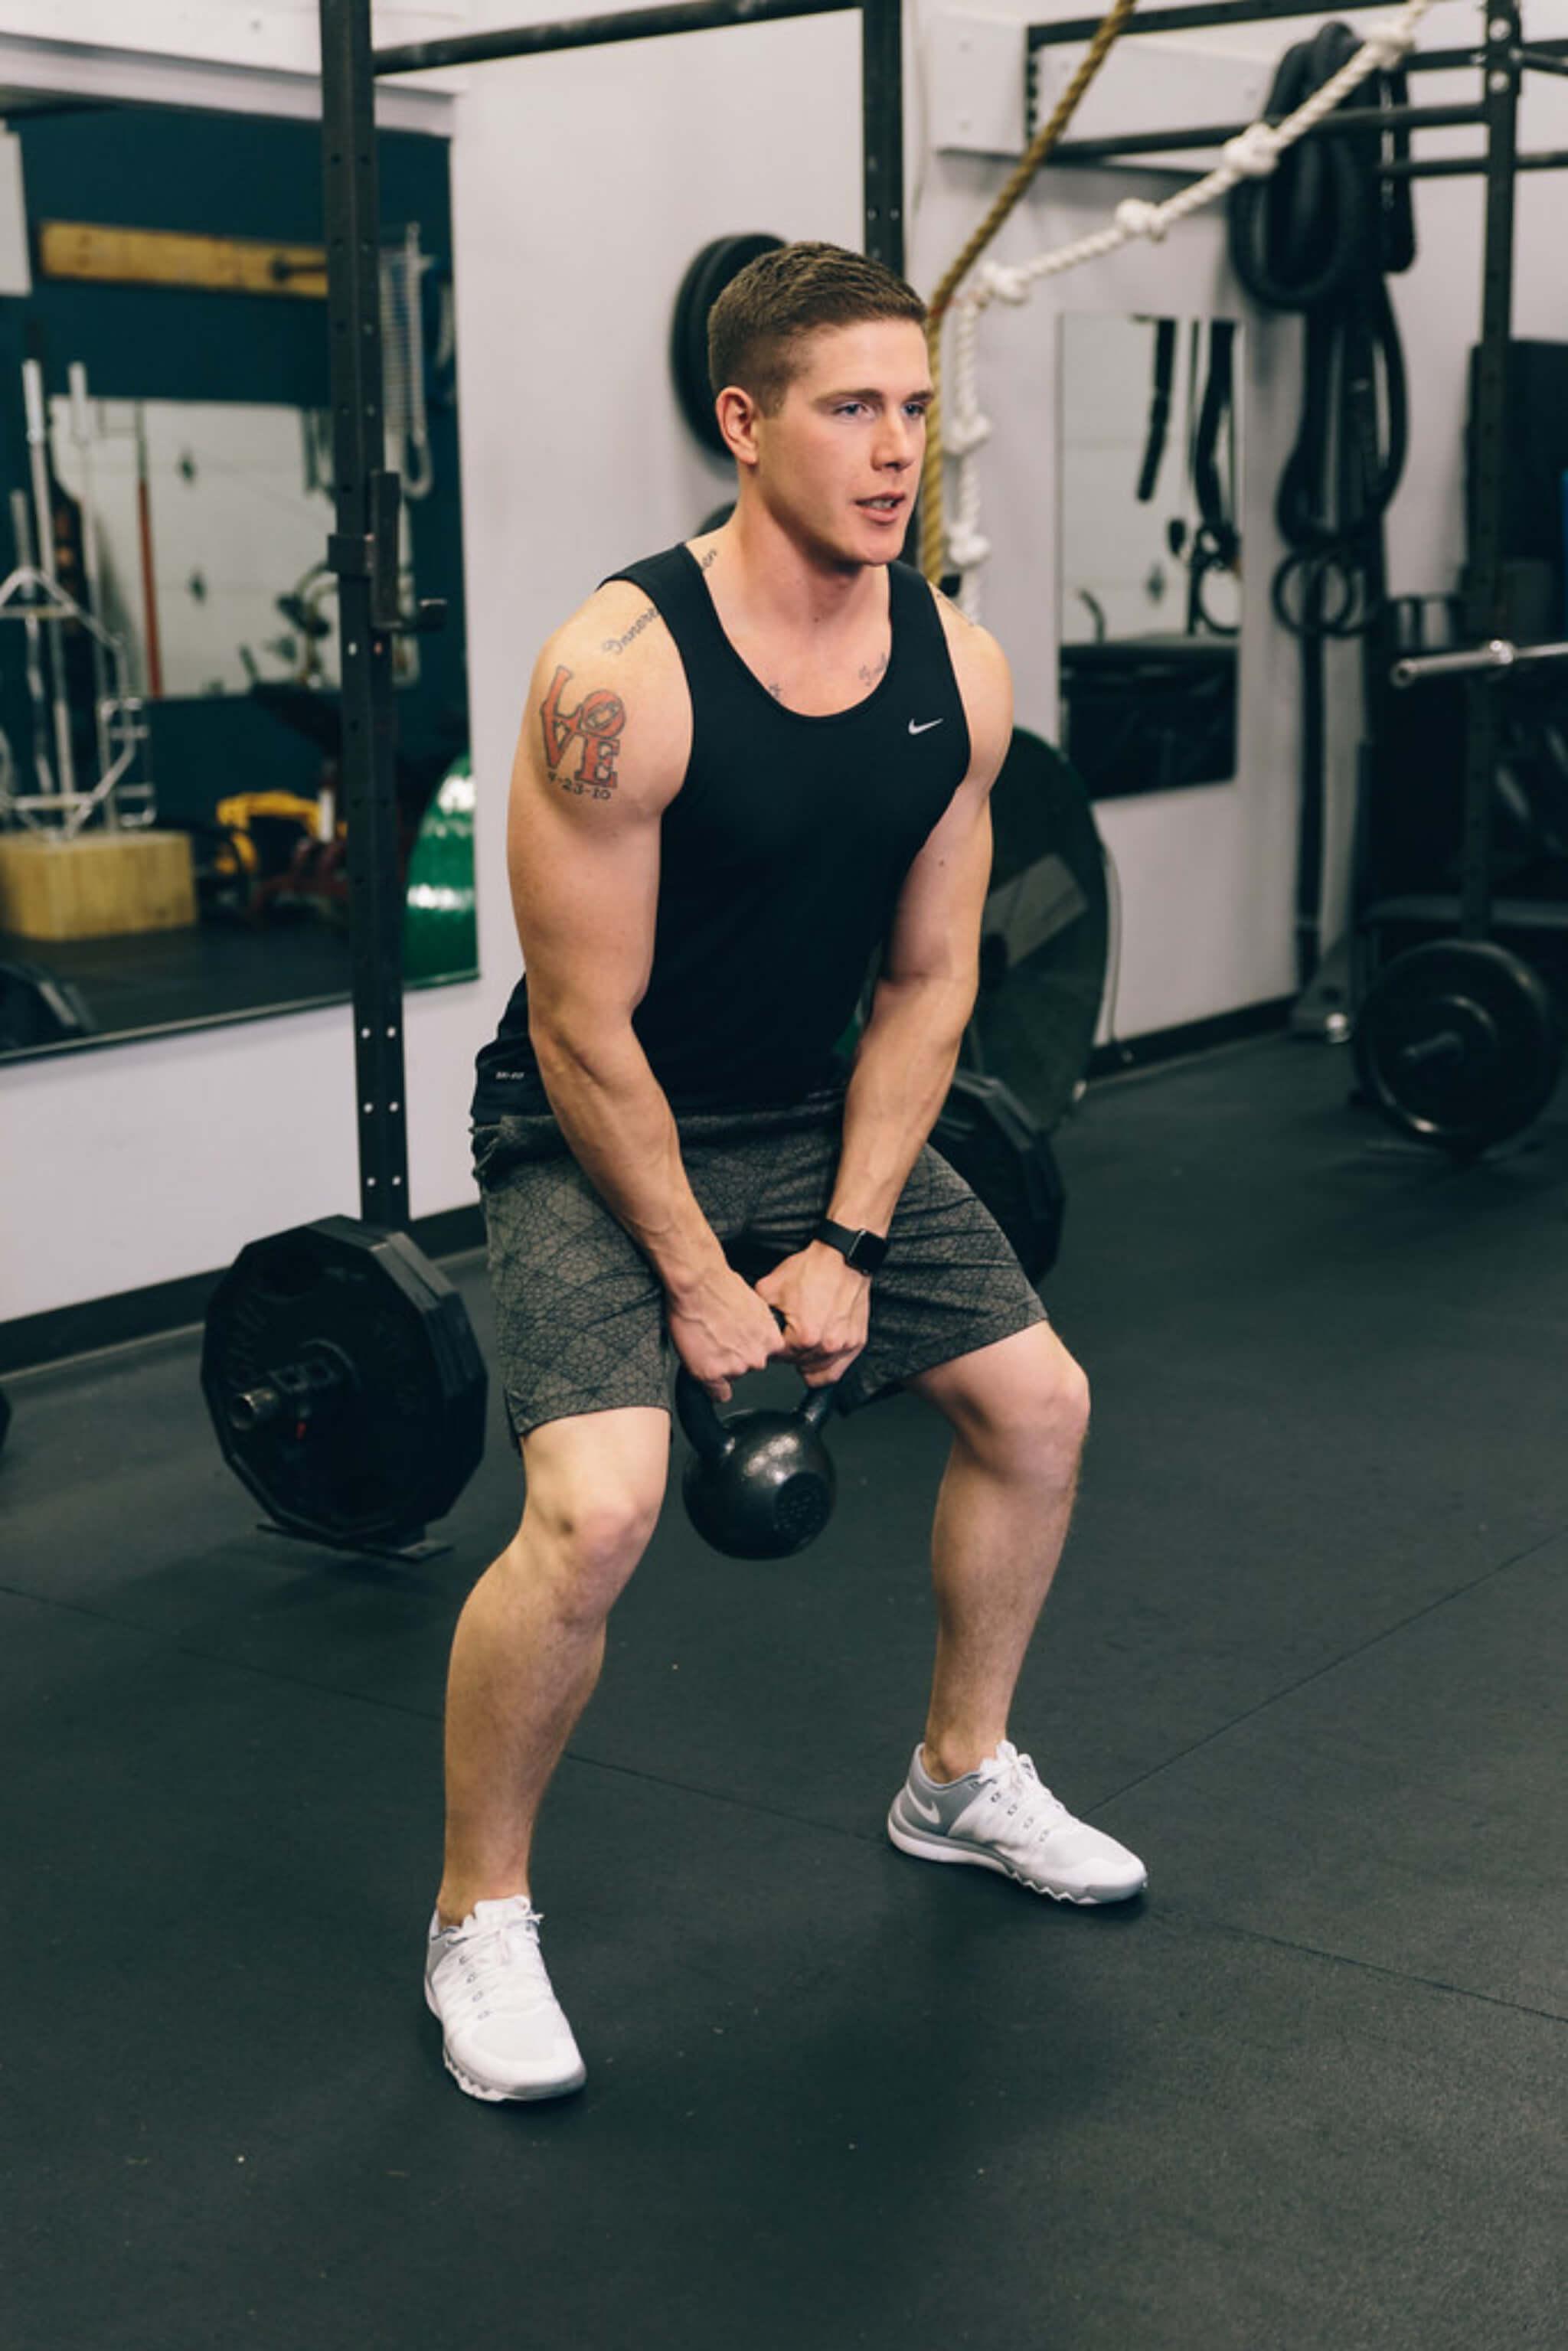 deallenamento e memoria muscolare